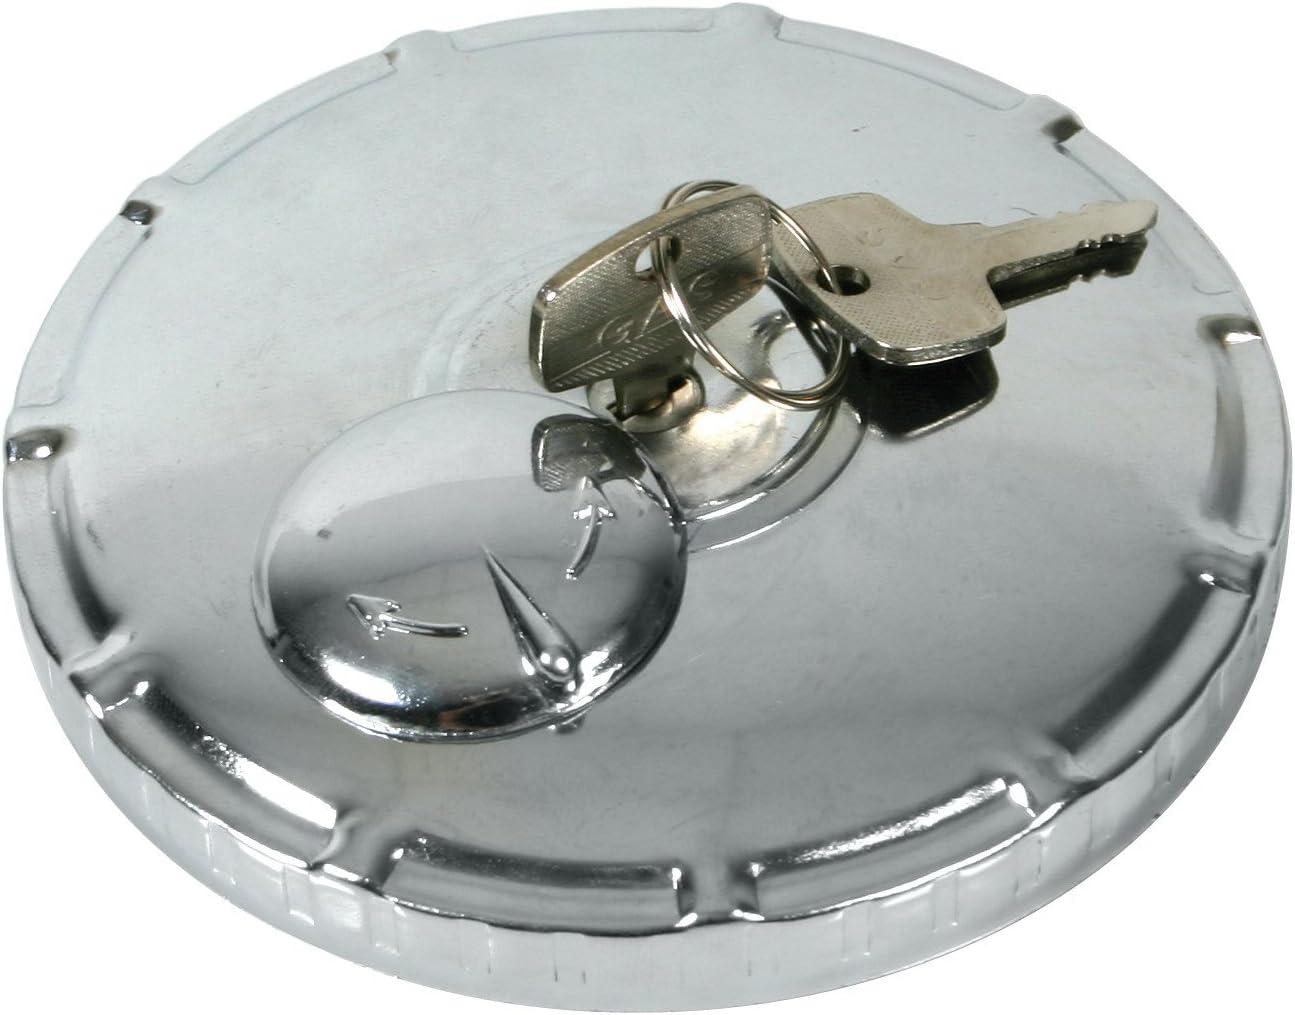 Tappo per serbatoio con filettatura 60 mm per auto chiusura a chiave in ABS camion